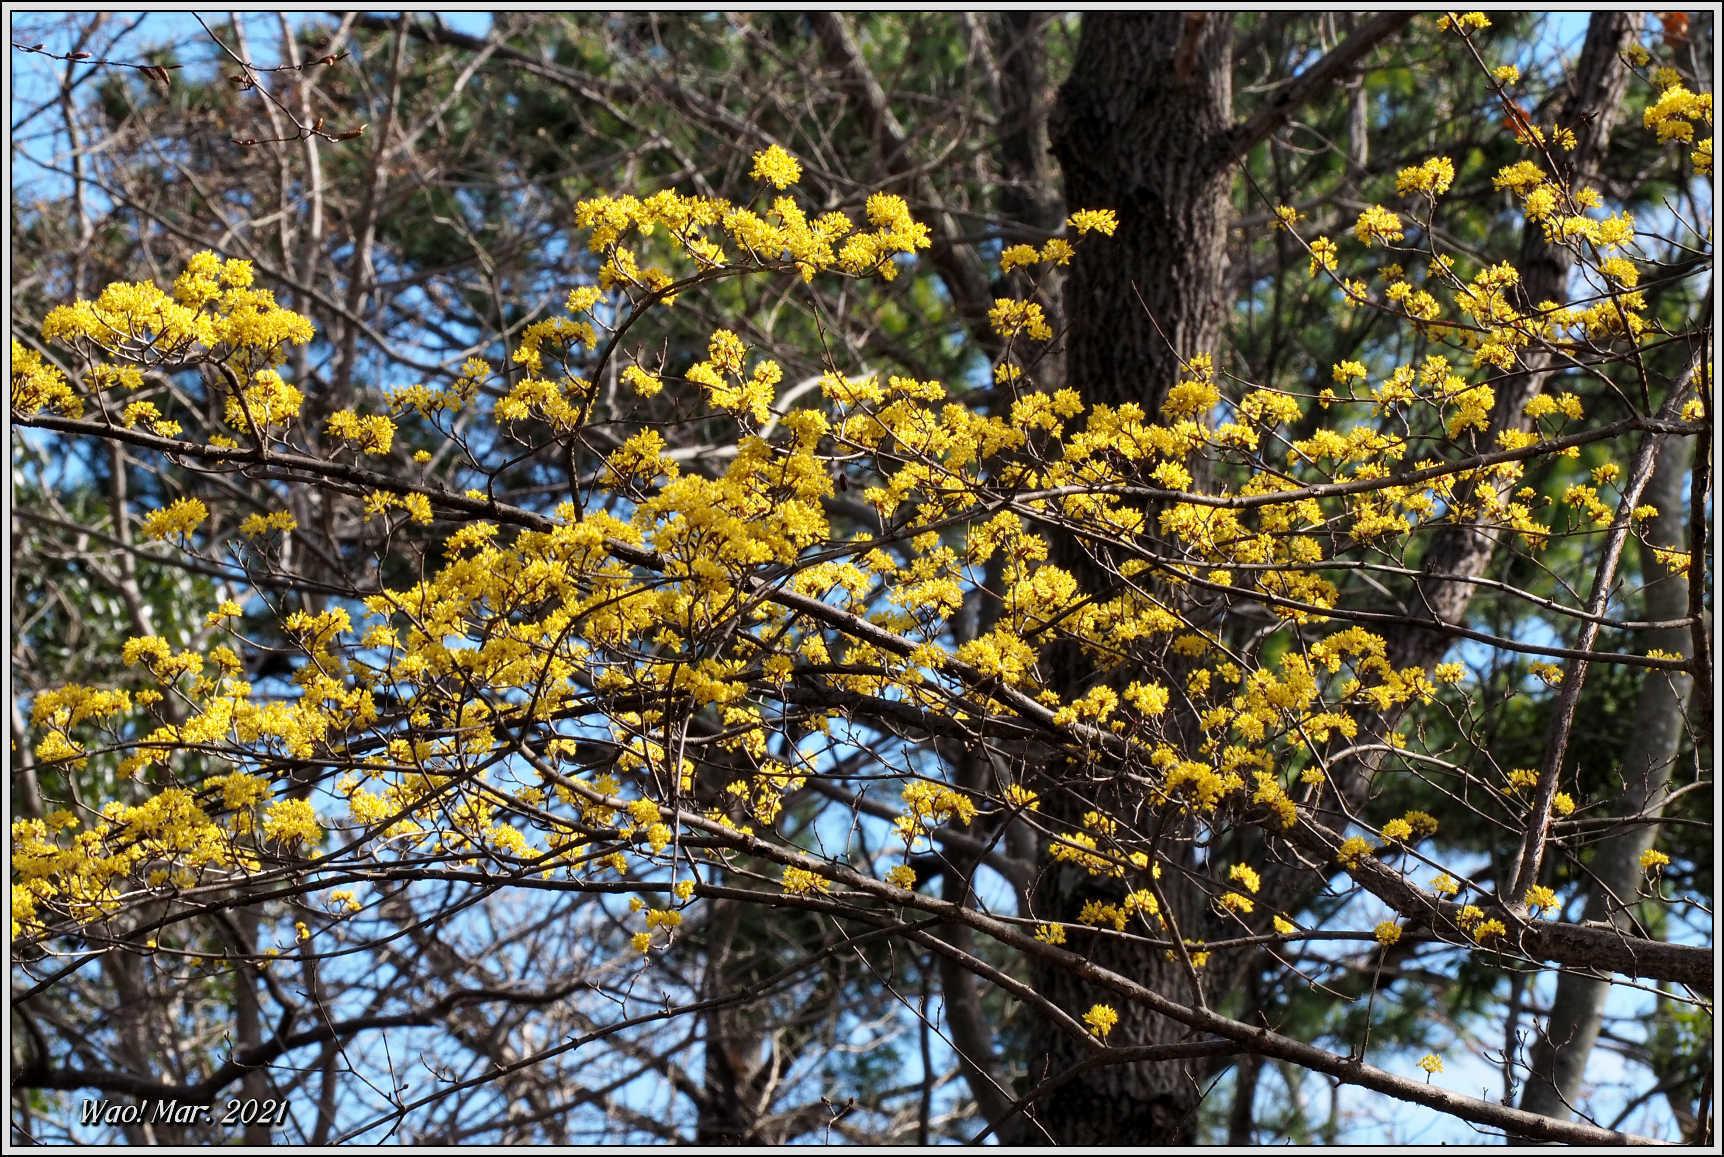 黄金色のサンシュユとピンクのジャノメエリカ_c0198669_18053947.jpg